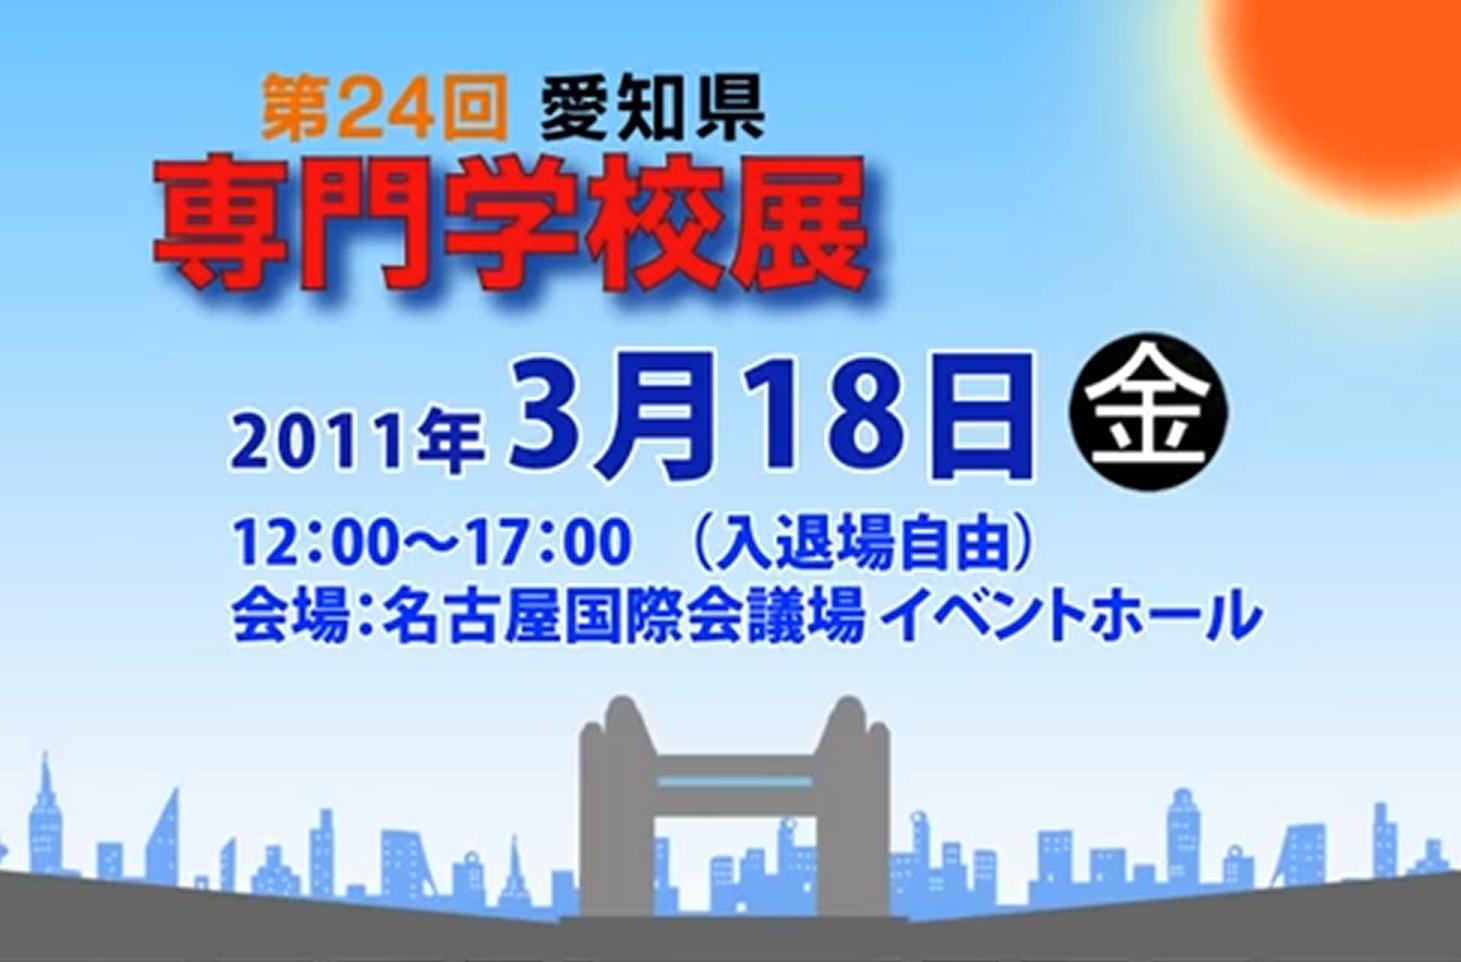 株式会社浜木綿様TVCM「新小龍包祭り」篇 制作